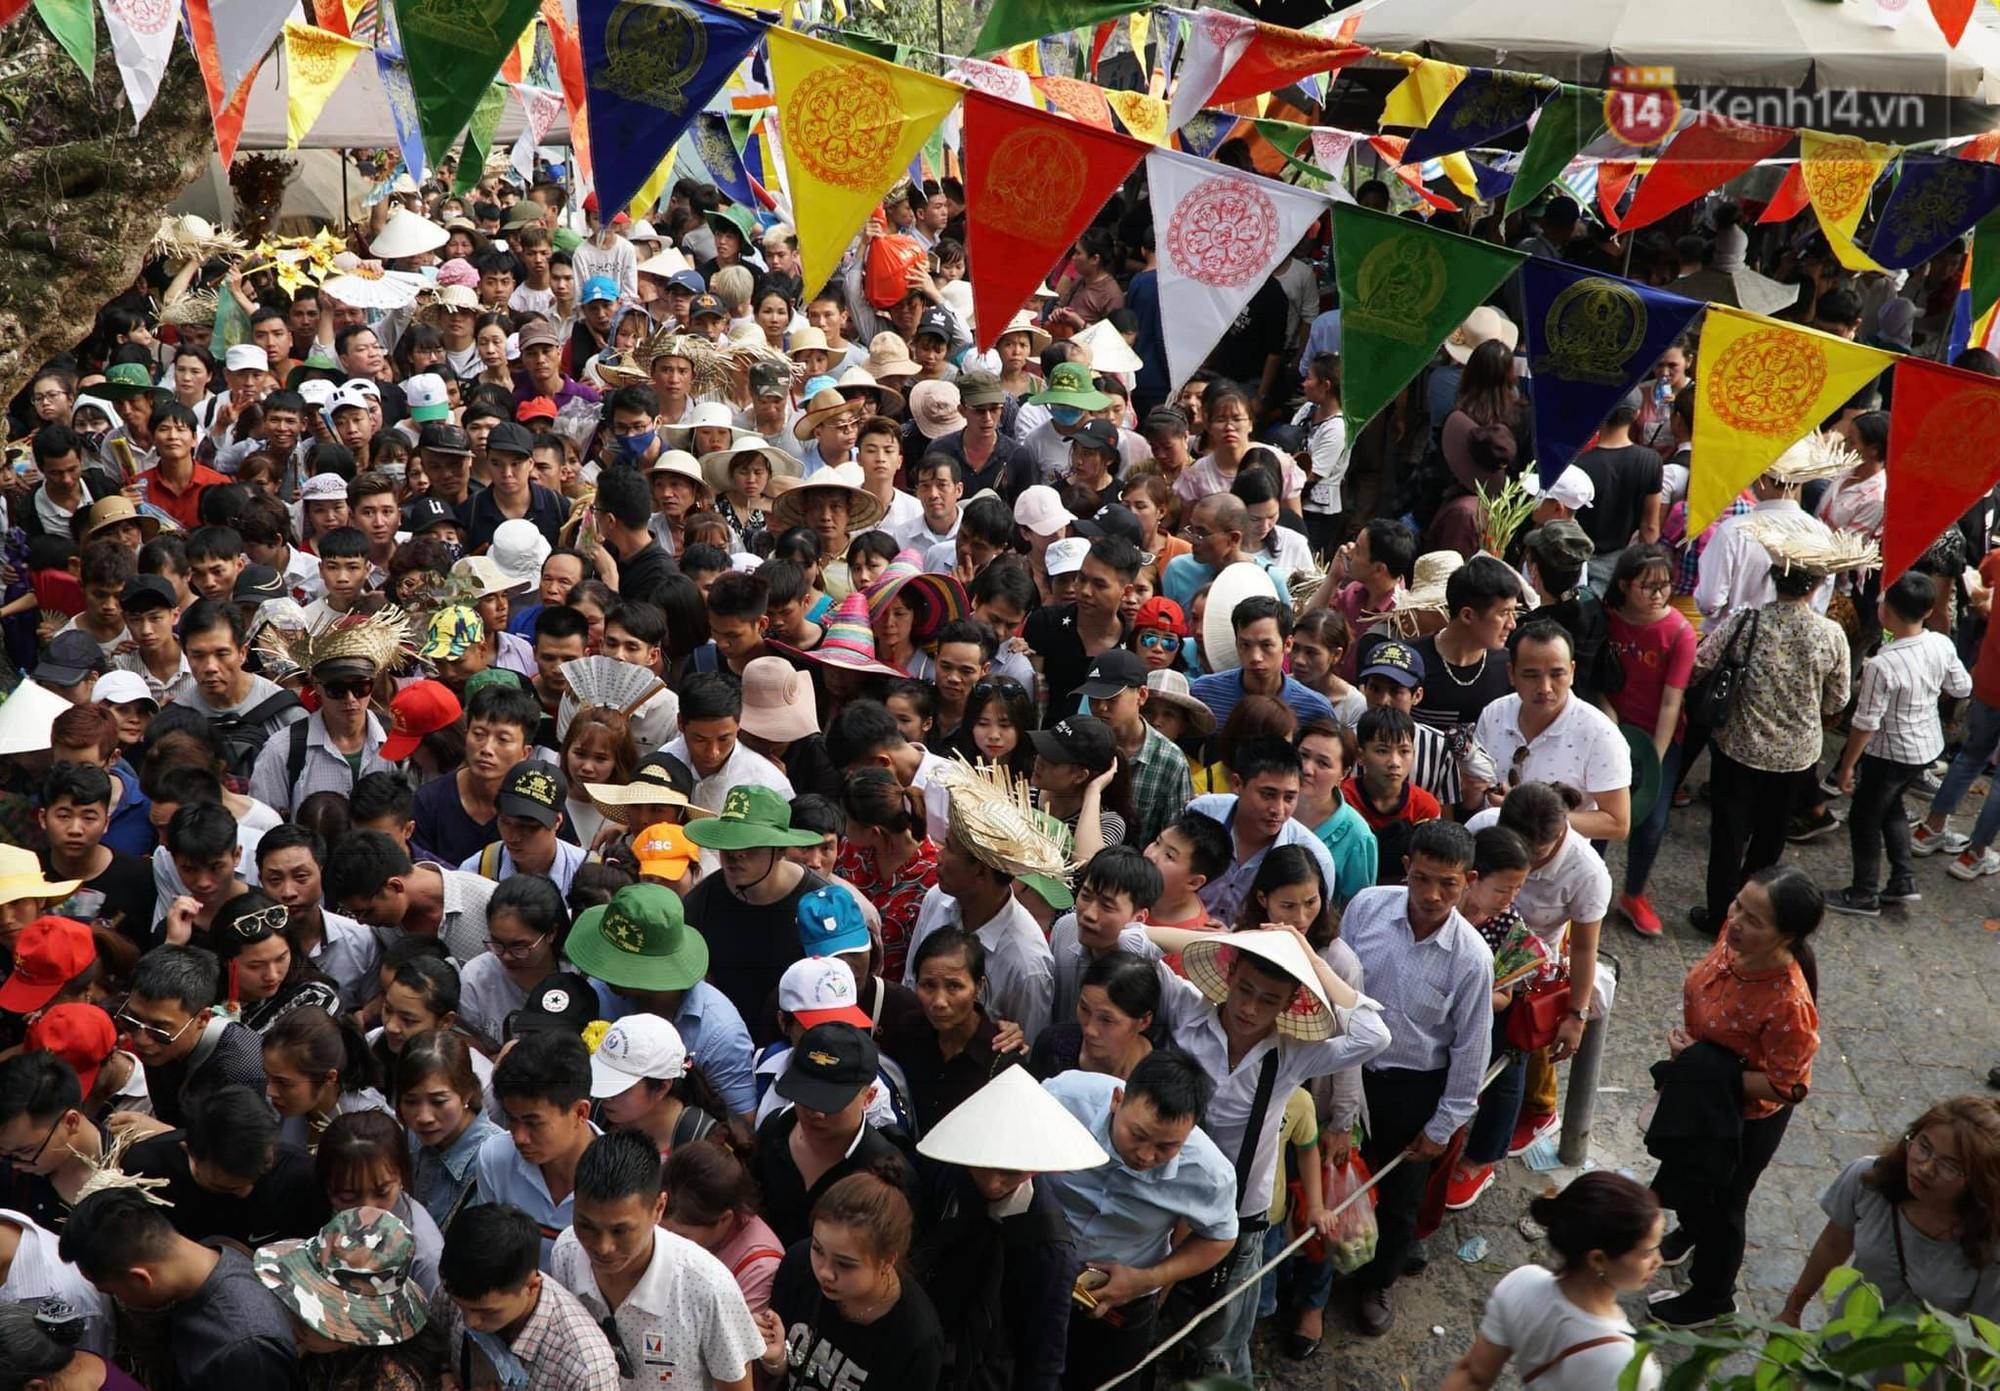 Ảnh: Mệt mỏi vì chen lấn giữa hàng vạn người dù chưa khai hội chùa Hương, nhiều em nhỏ ngủ gục trên vai mẹ-2